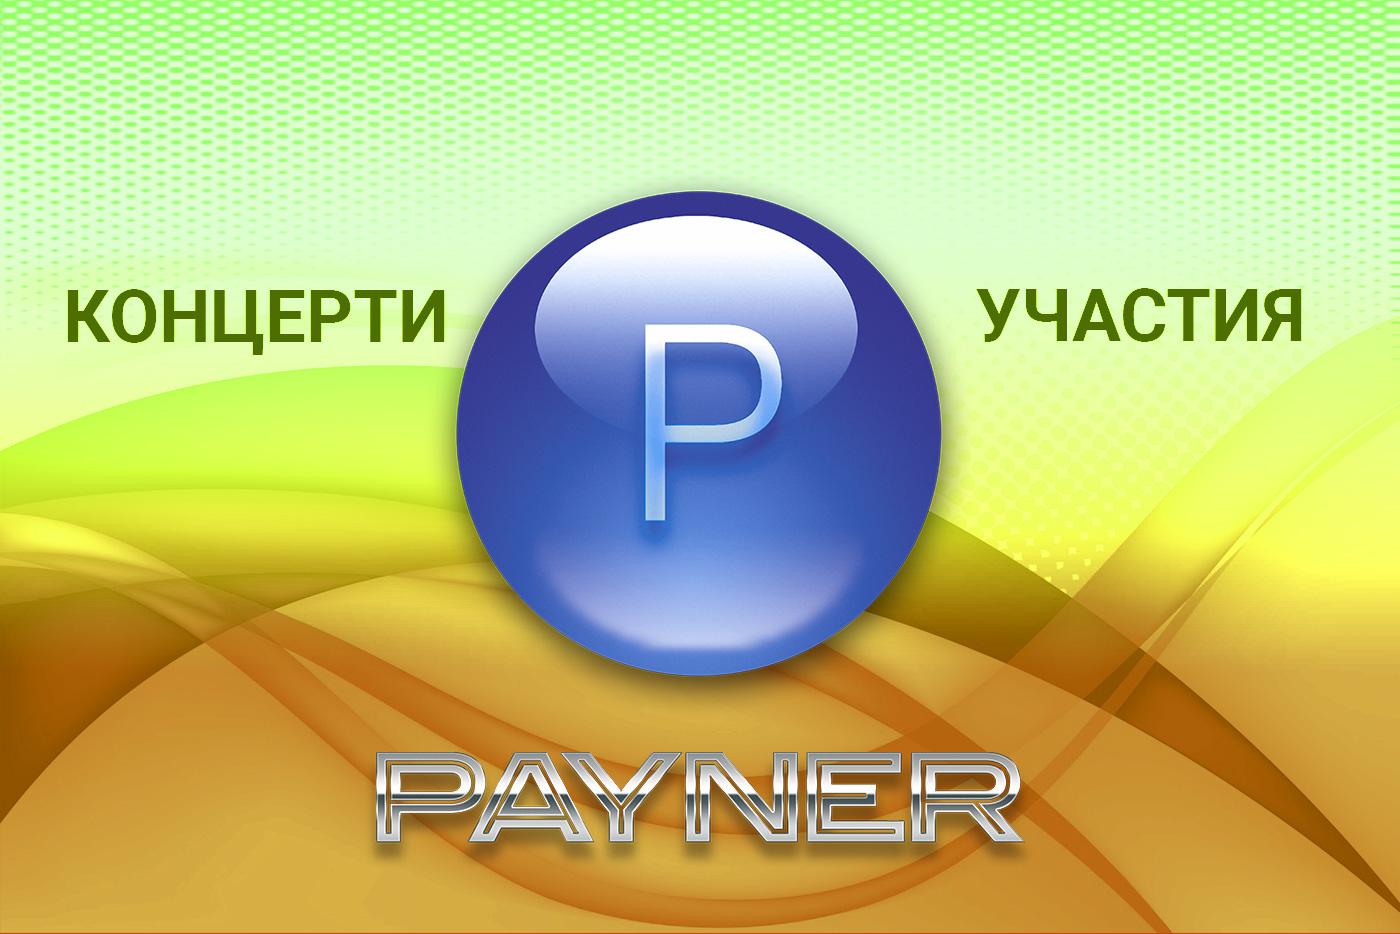 """Участия на звездите на """"Пайнер"""" на 09.12.2018"""